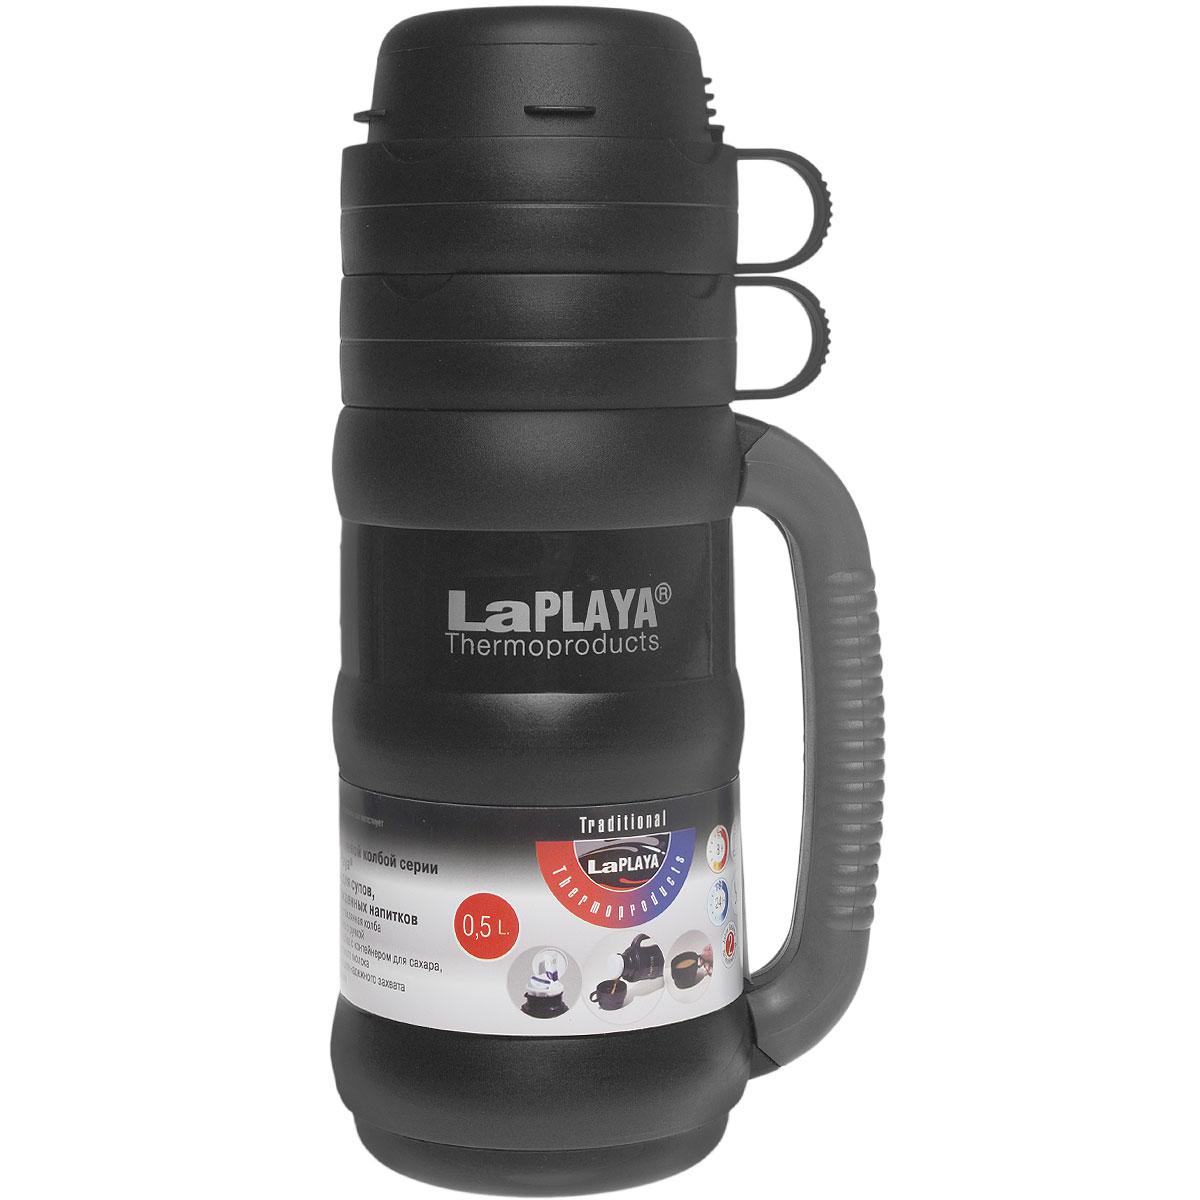 Термос LaPlaya Traditional 35, цвет: черный, 500 мл560002Термос со стеклянной колбой LaPlaya Traditional 35 предназначен для супов, горячих и охлажденных напитков.Особенности термоса:Прочная и надежная стеклянная колба.Полноразмерная чашка с ручкой.Завинчивающаяся пробка с контейнером для сахара, пакетика чая, кофе, сухого молока.Прорезиненная ручка для надежного захвата против выскальзывания.Высота термоса: 28 см.Диаметр термоса (без учета ручки): 10 см.Сохраняет тепло: 8 ч.Сохраняет холод: 24 ч.